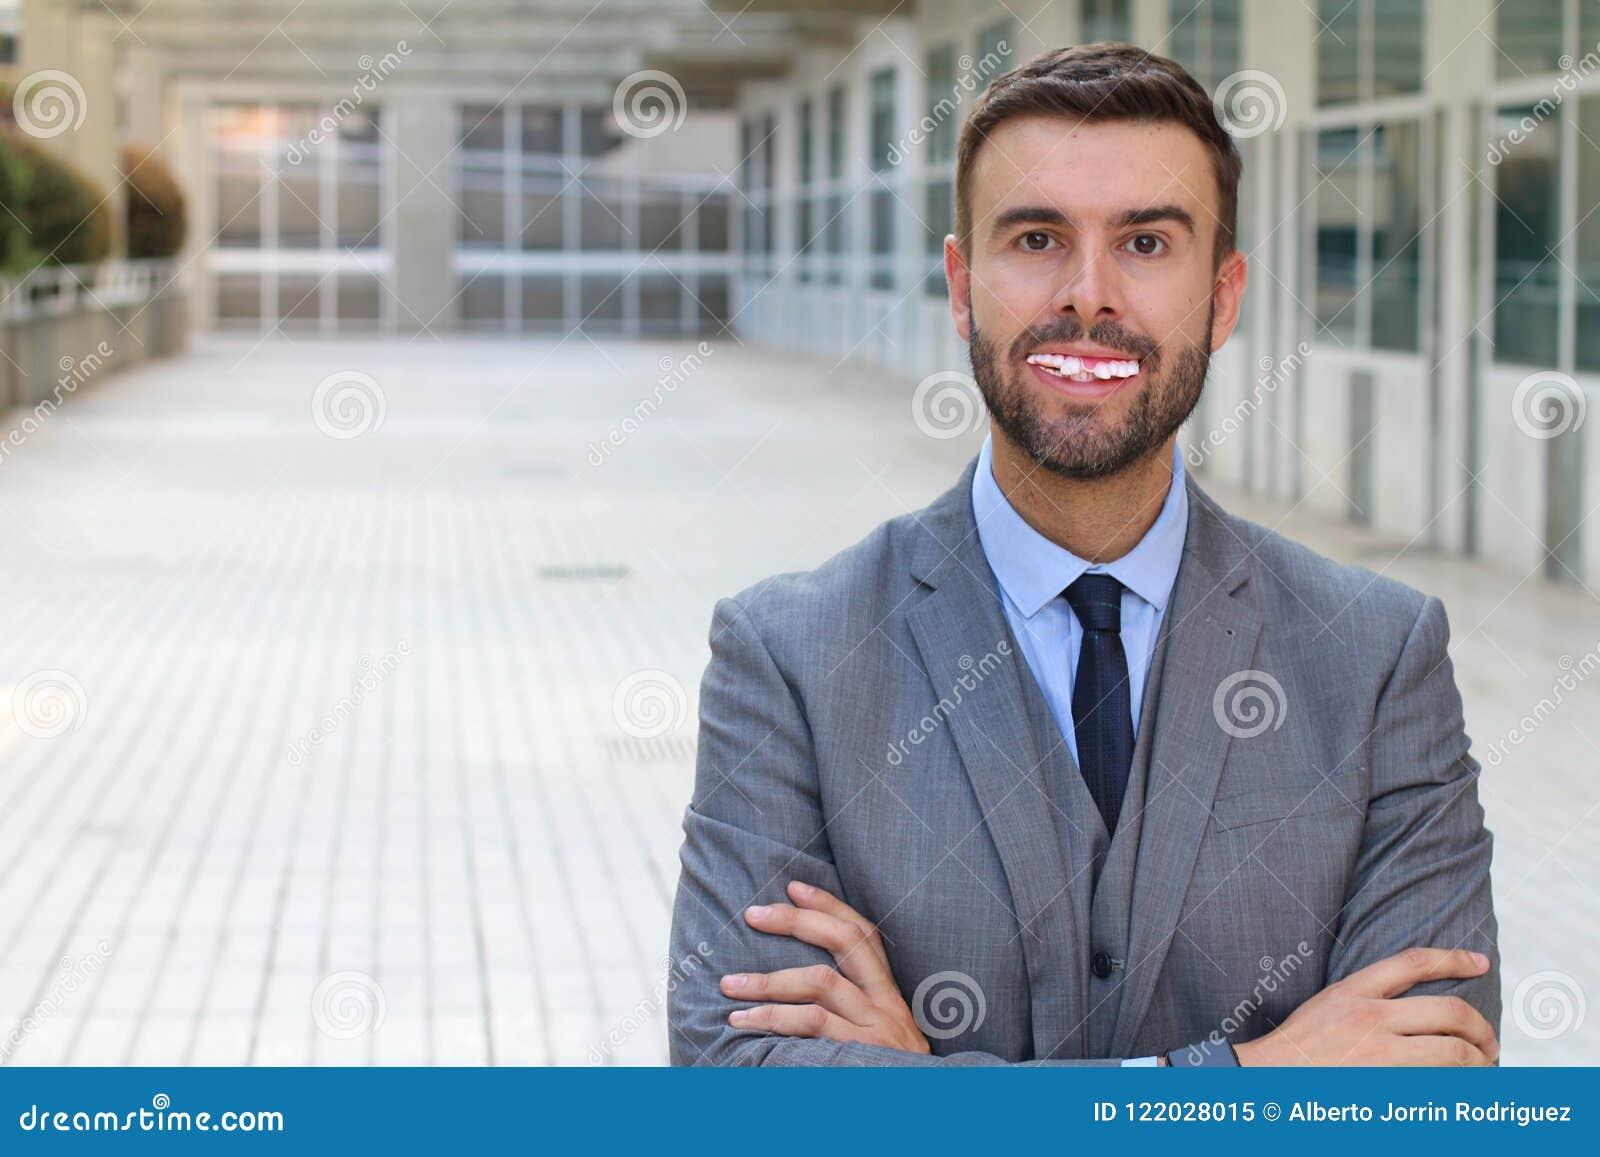 Biznesmen z naprawdę złymi zębami